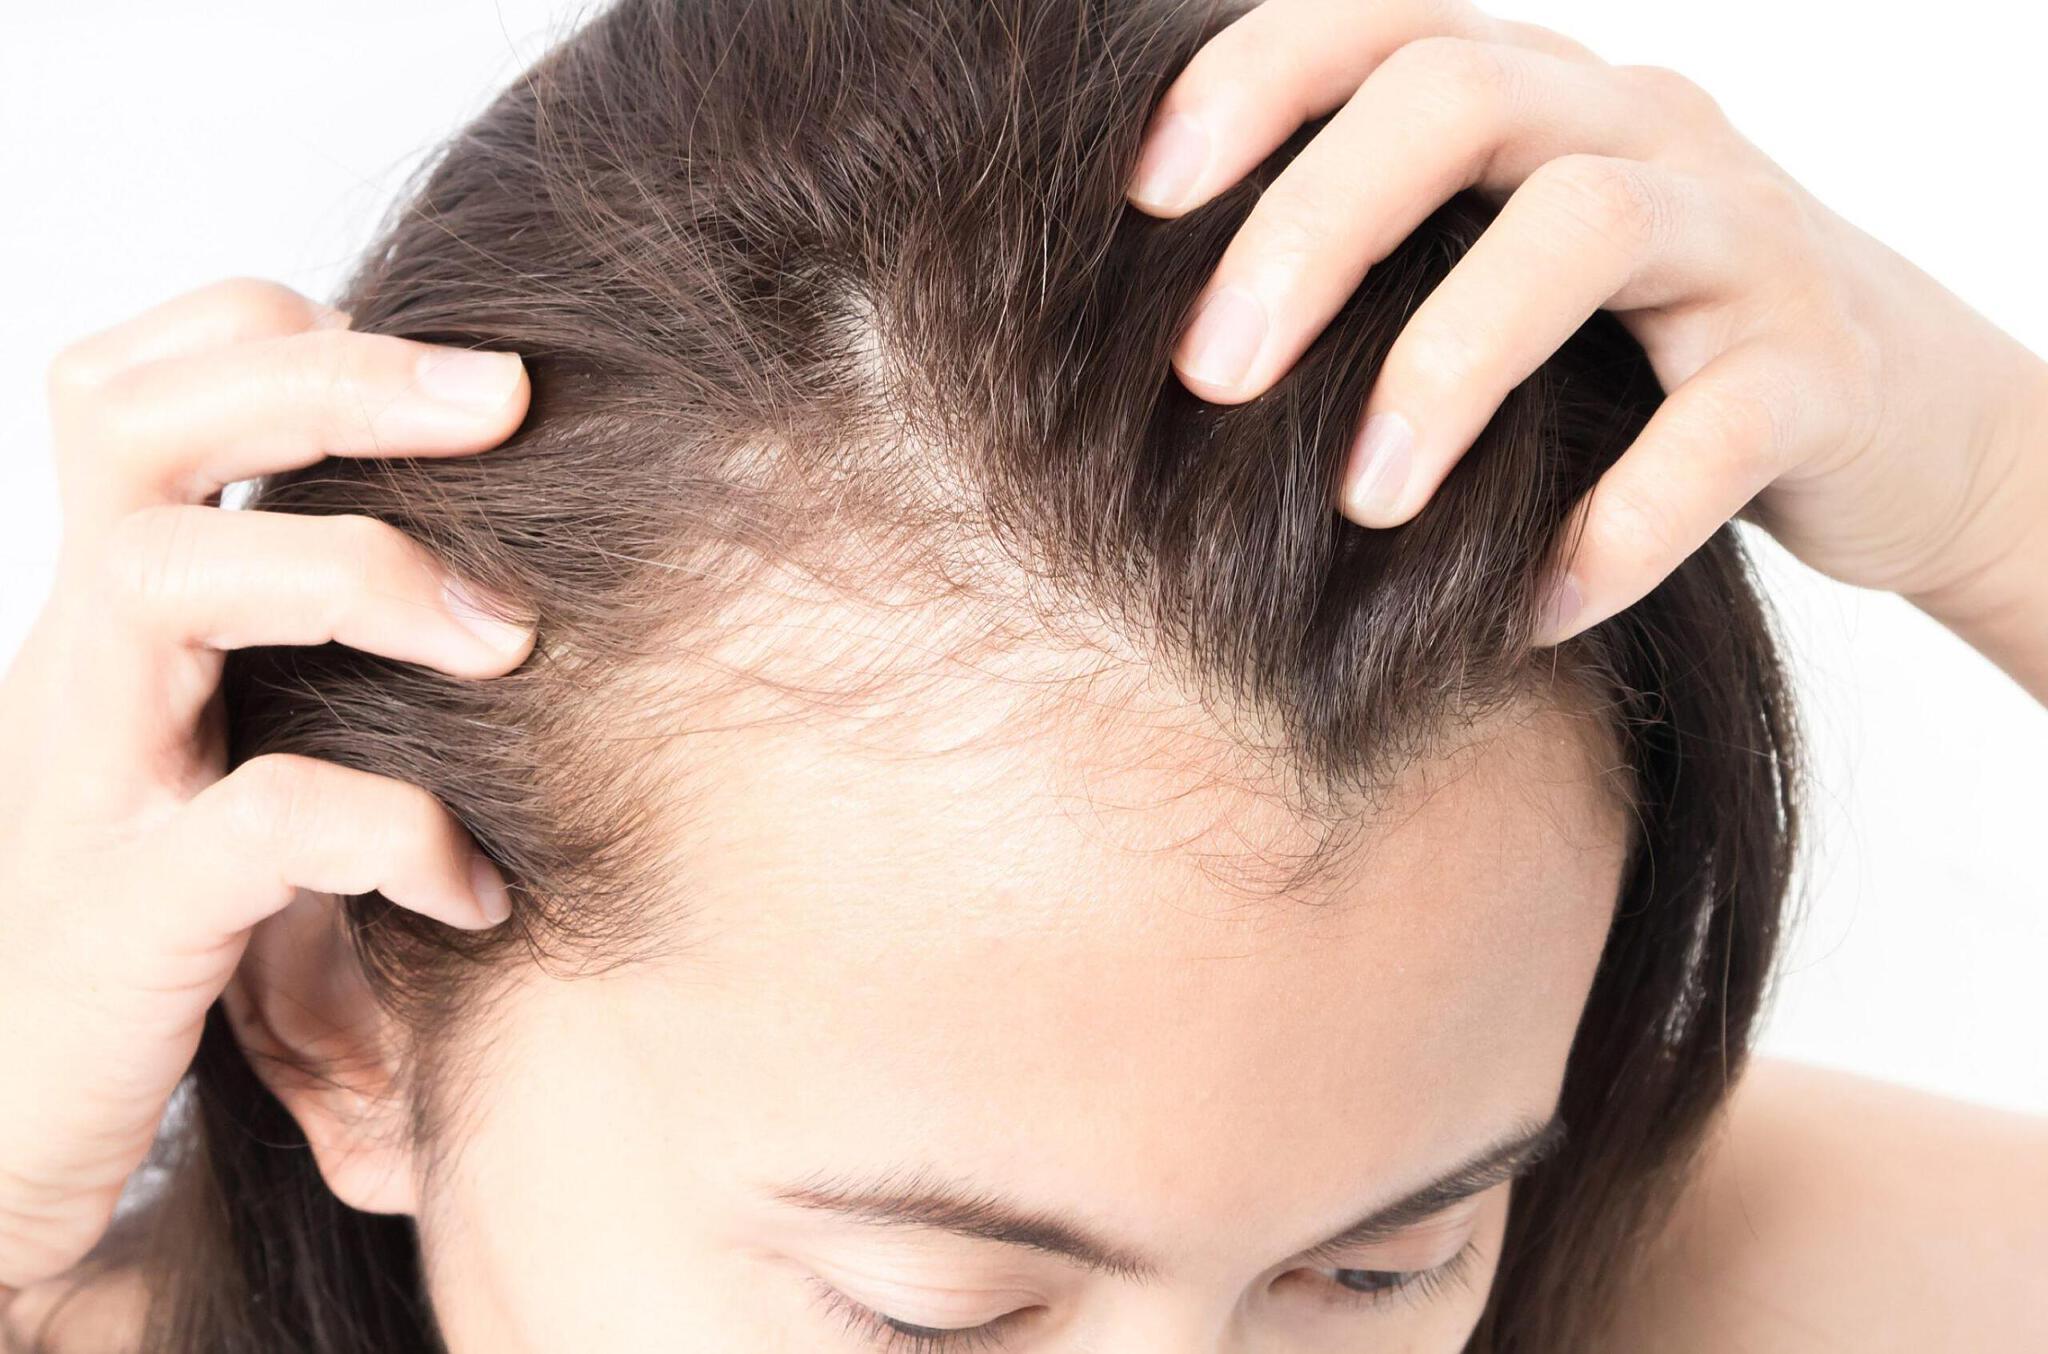 Выпадают волосы у ребенка в 3 года: почему это происходит, основные причины облысения у малышей столь ранних лет, диагностика и лечение